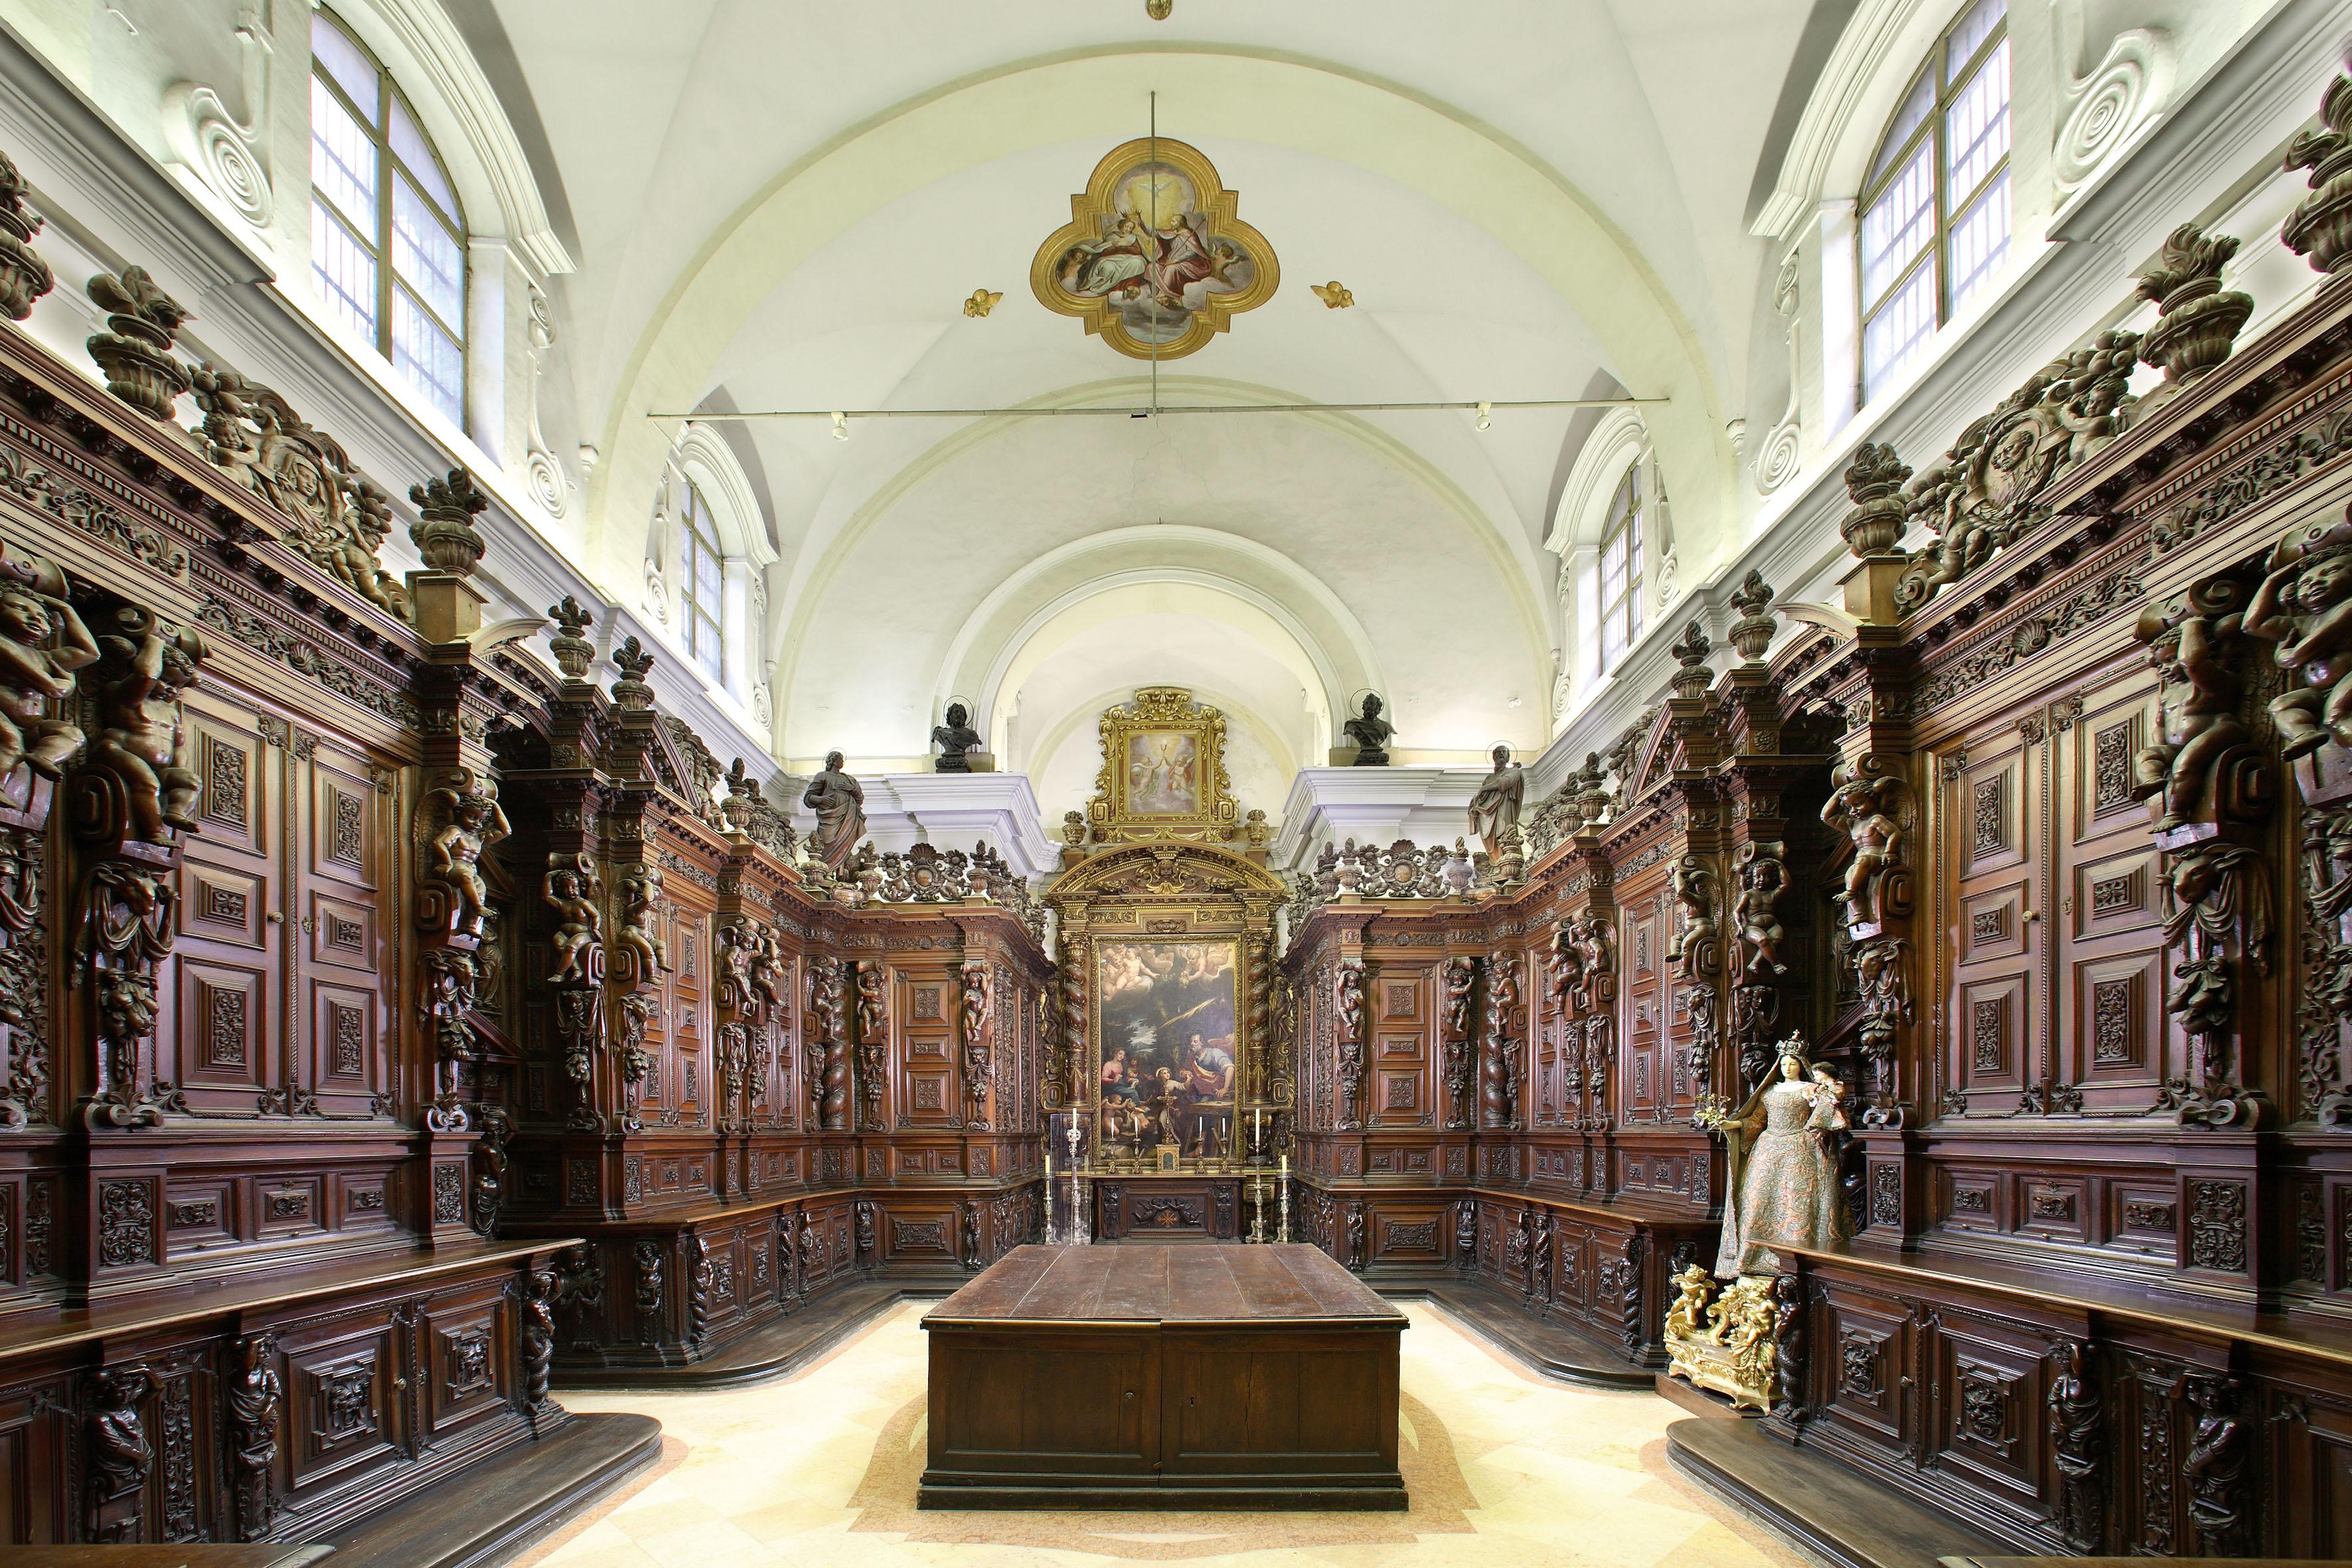 Parma - Percorso museale dell' Ordine Costantiniano